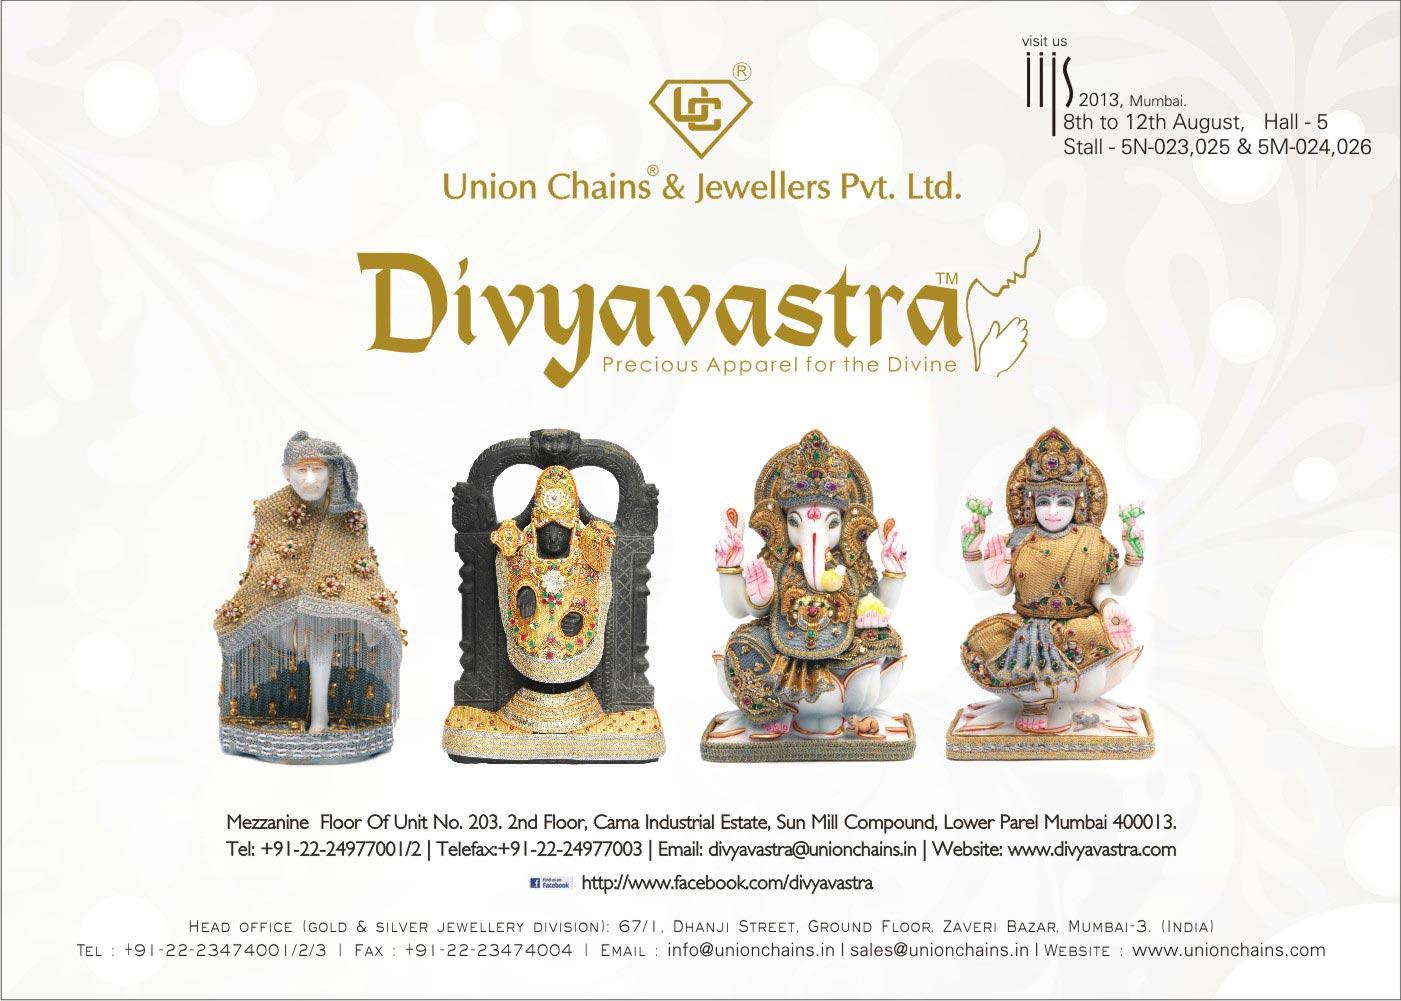 Unique Chains & Jewellers Ad campaign